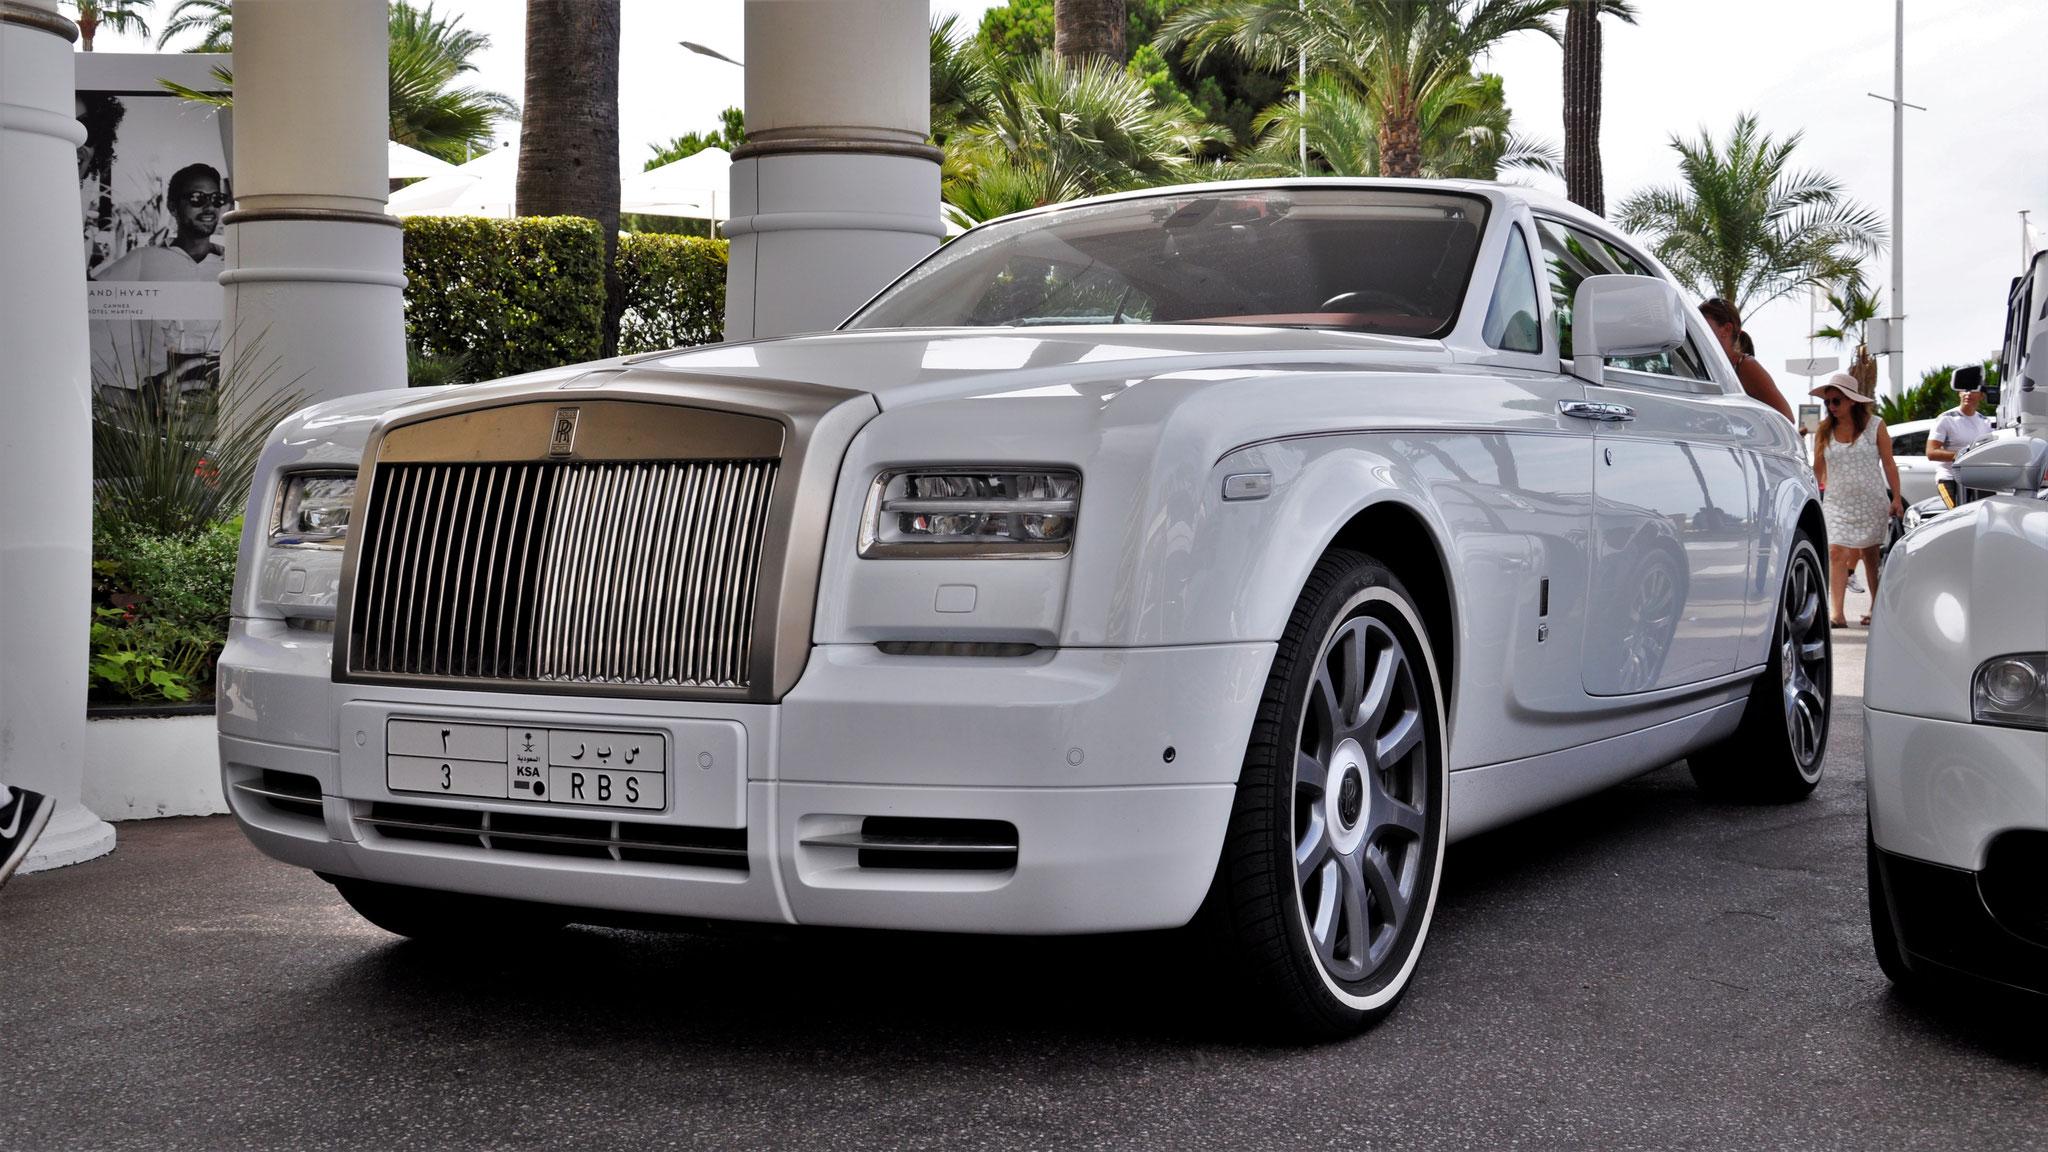 Rolls Royce Drophead Coupé - 3-RBS